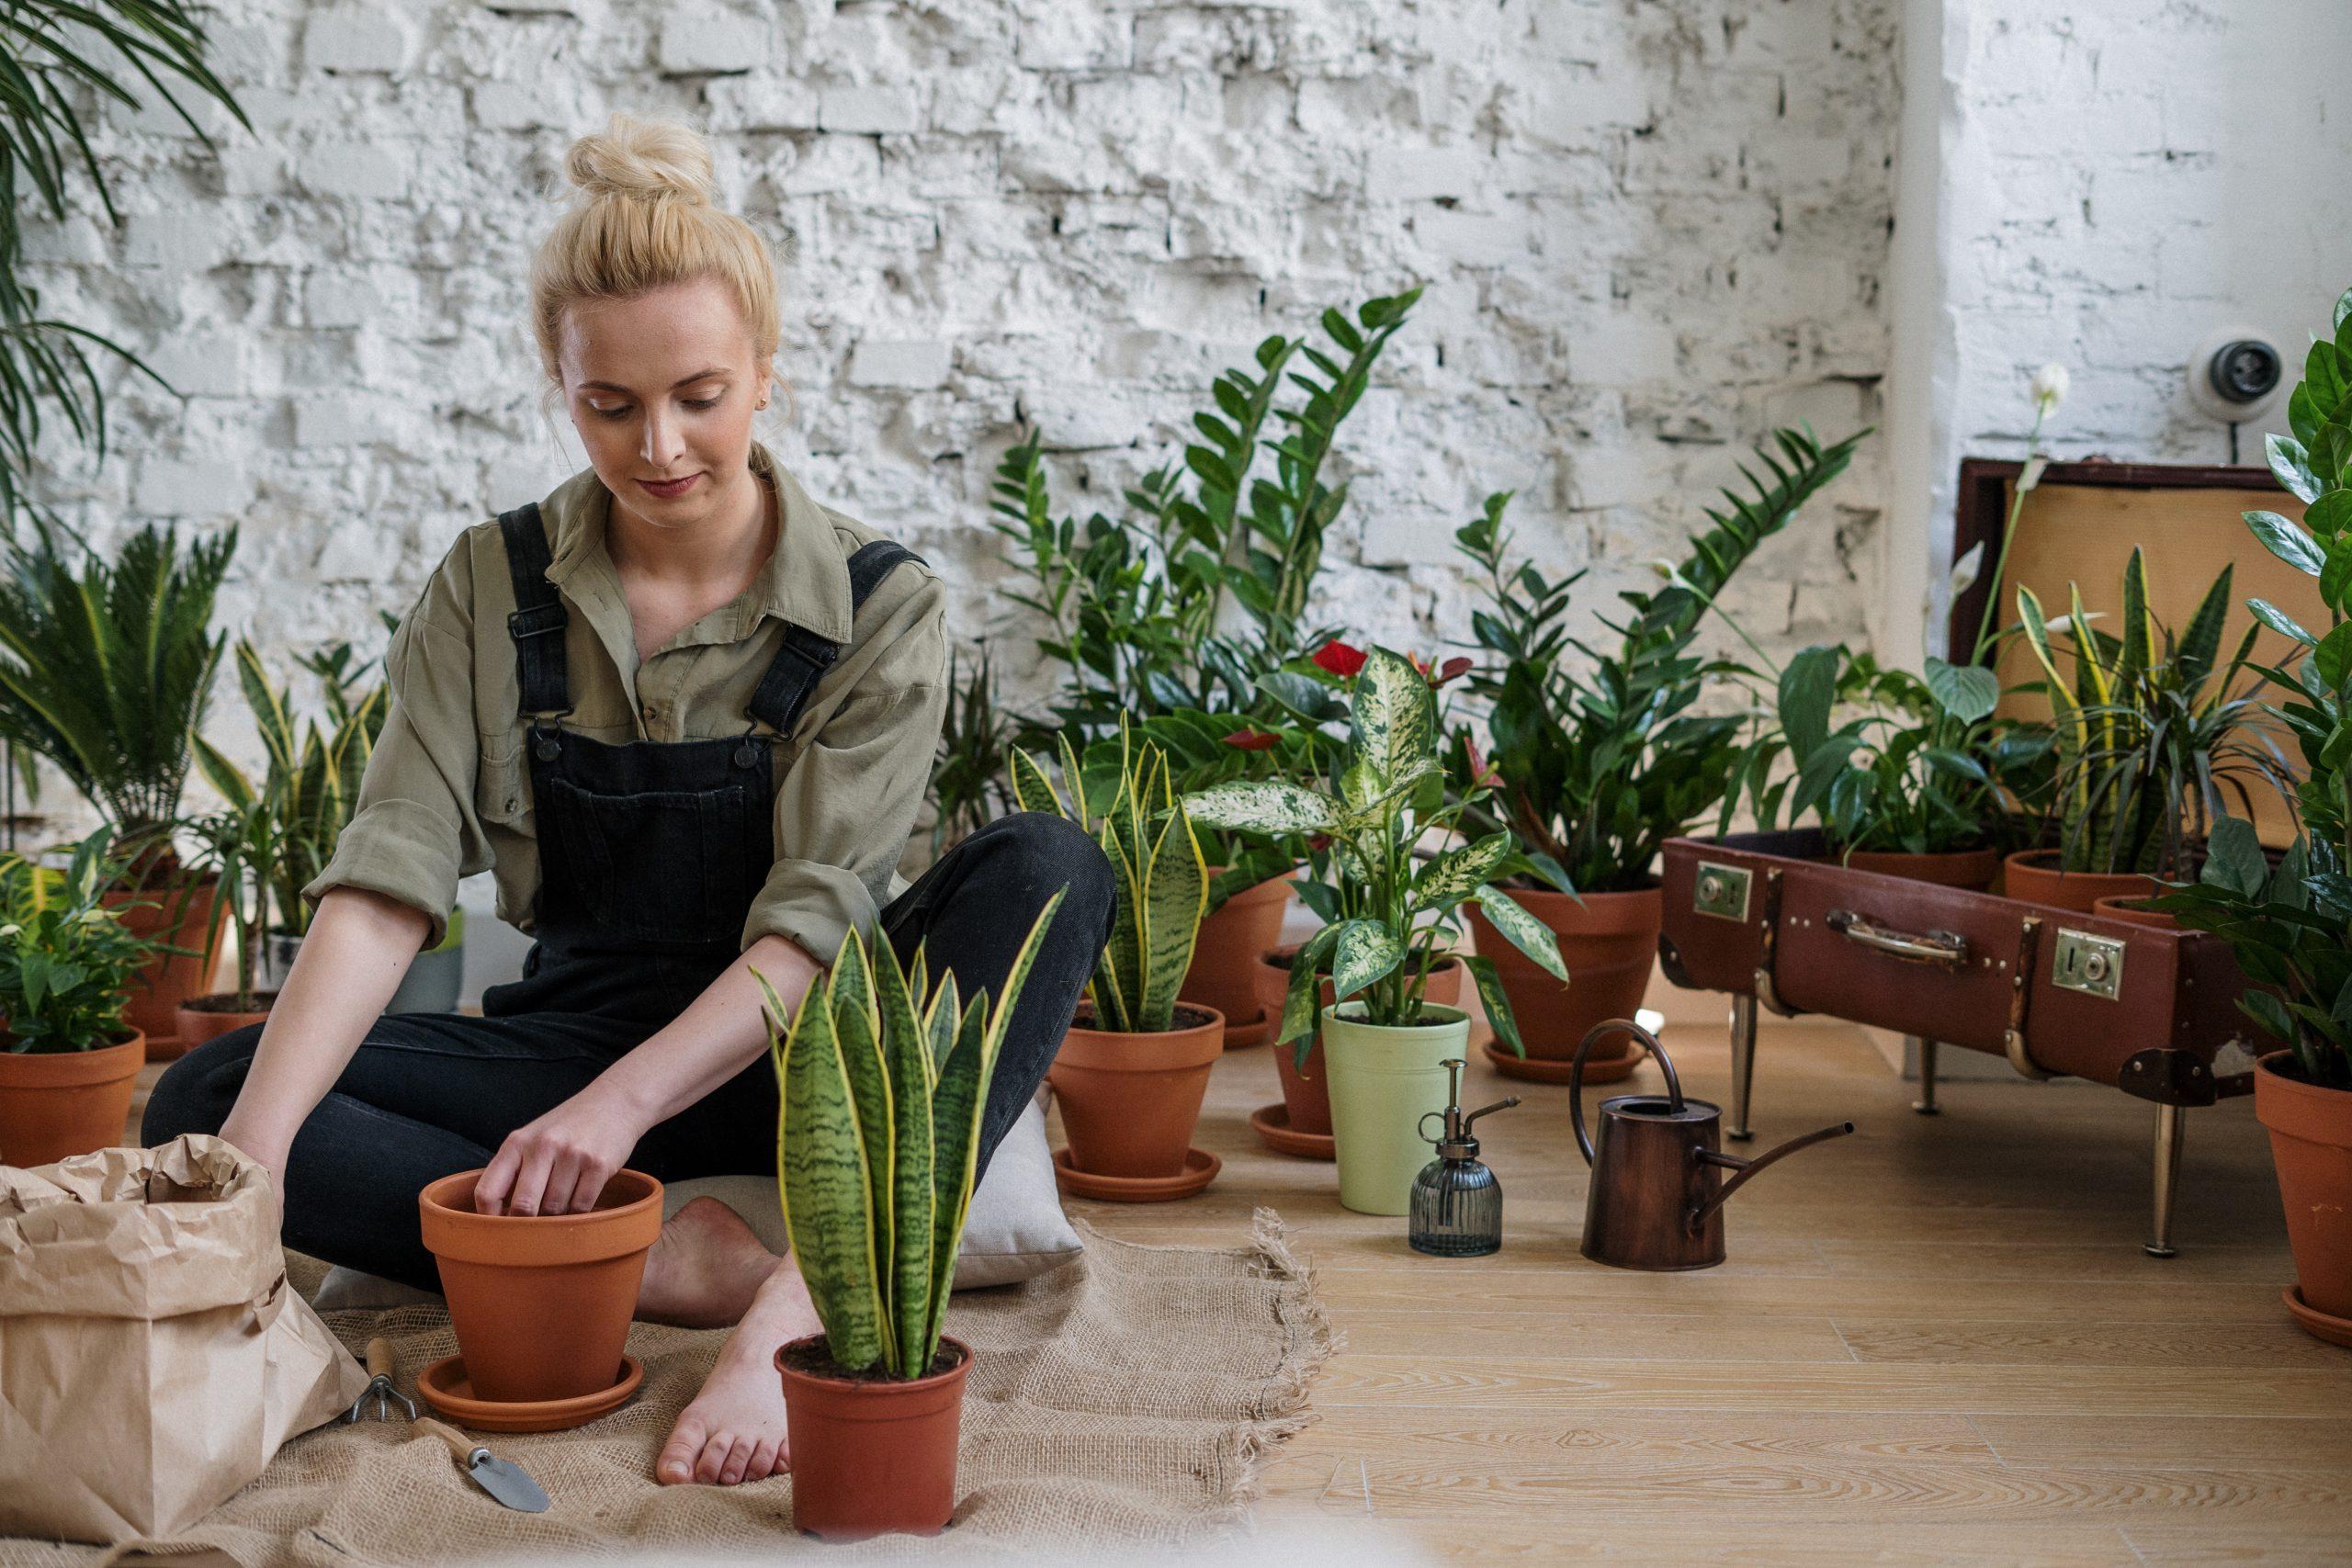 Les bienfaits du jardinage : les box de jardinage